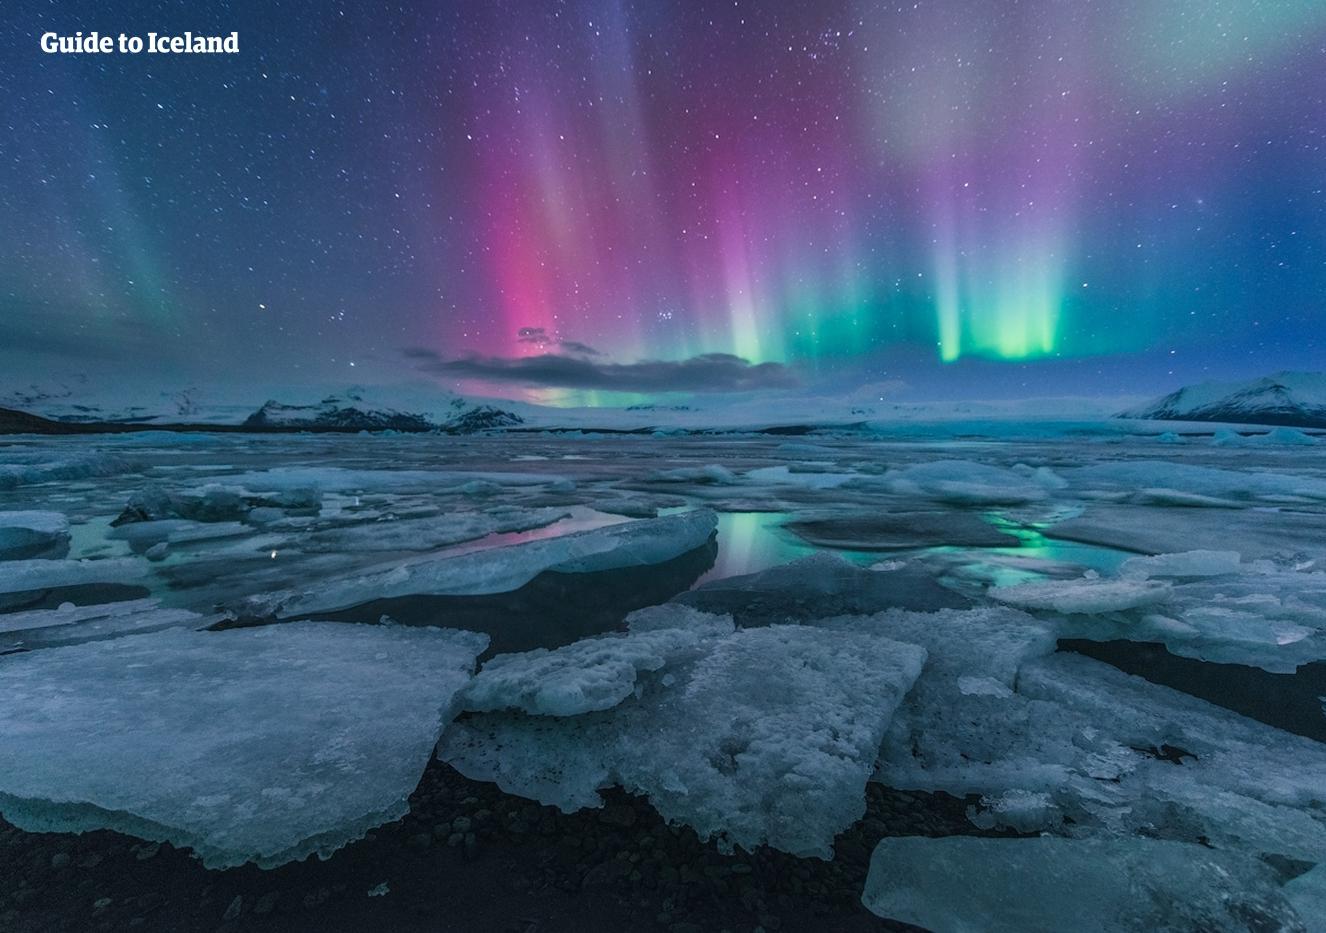 แสงเหนือที่งดงามกำลังเต้นรำอยู่บนท้องฟ้าเหนือทะเลสาบน้ำแข็งโจกุลซาลอน